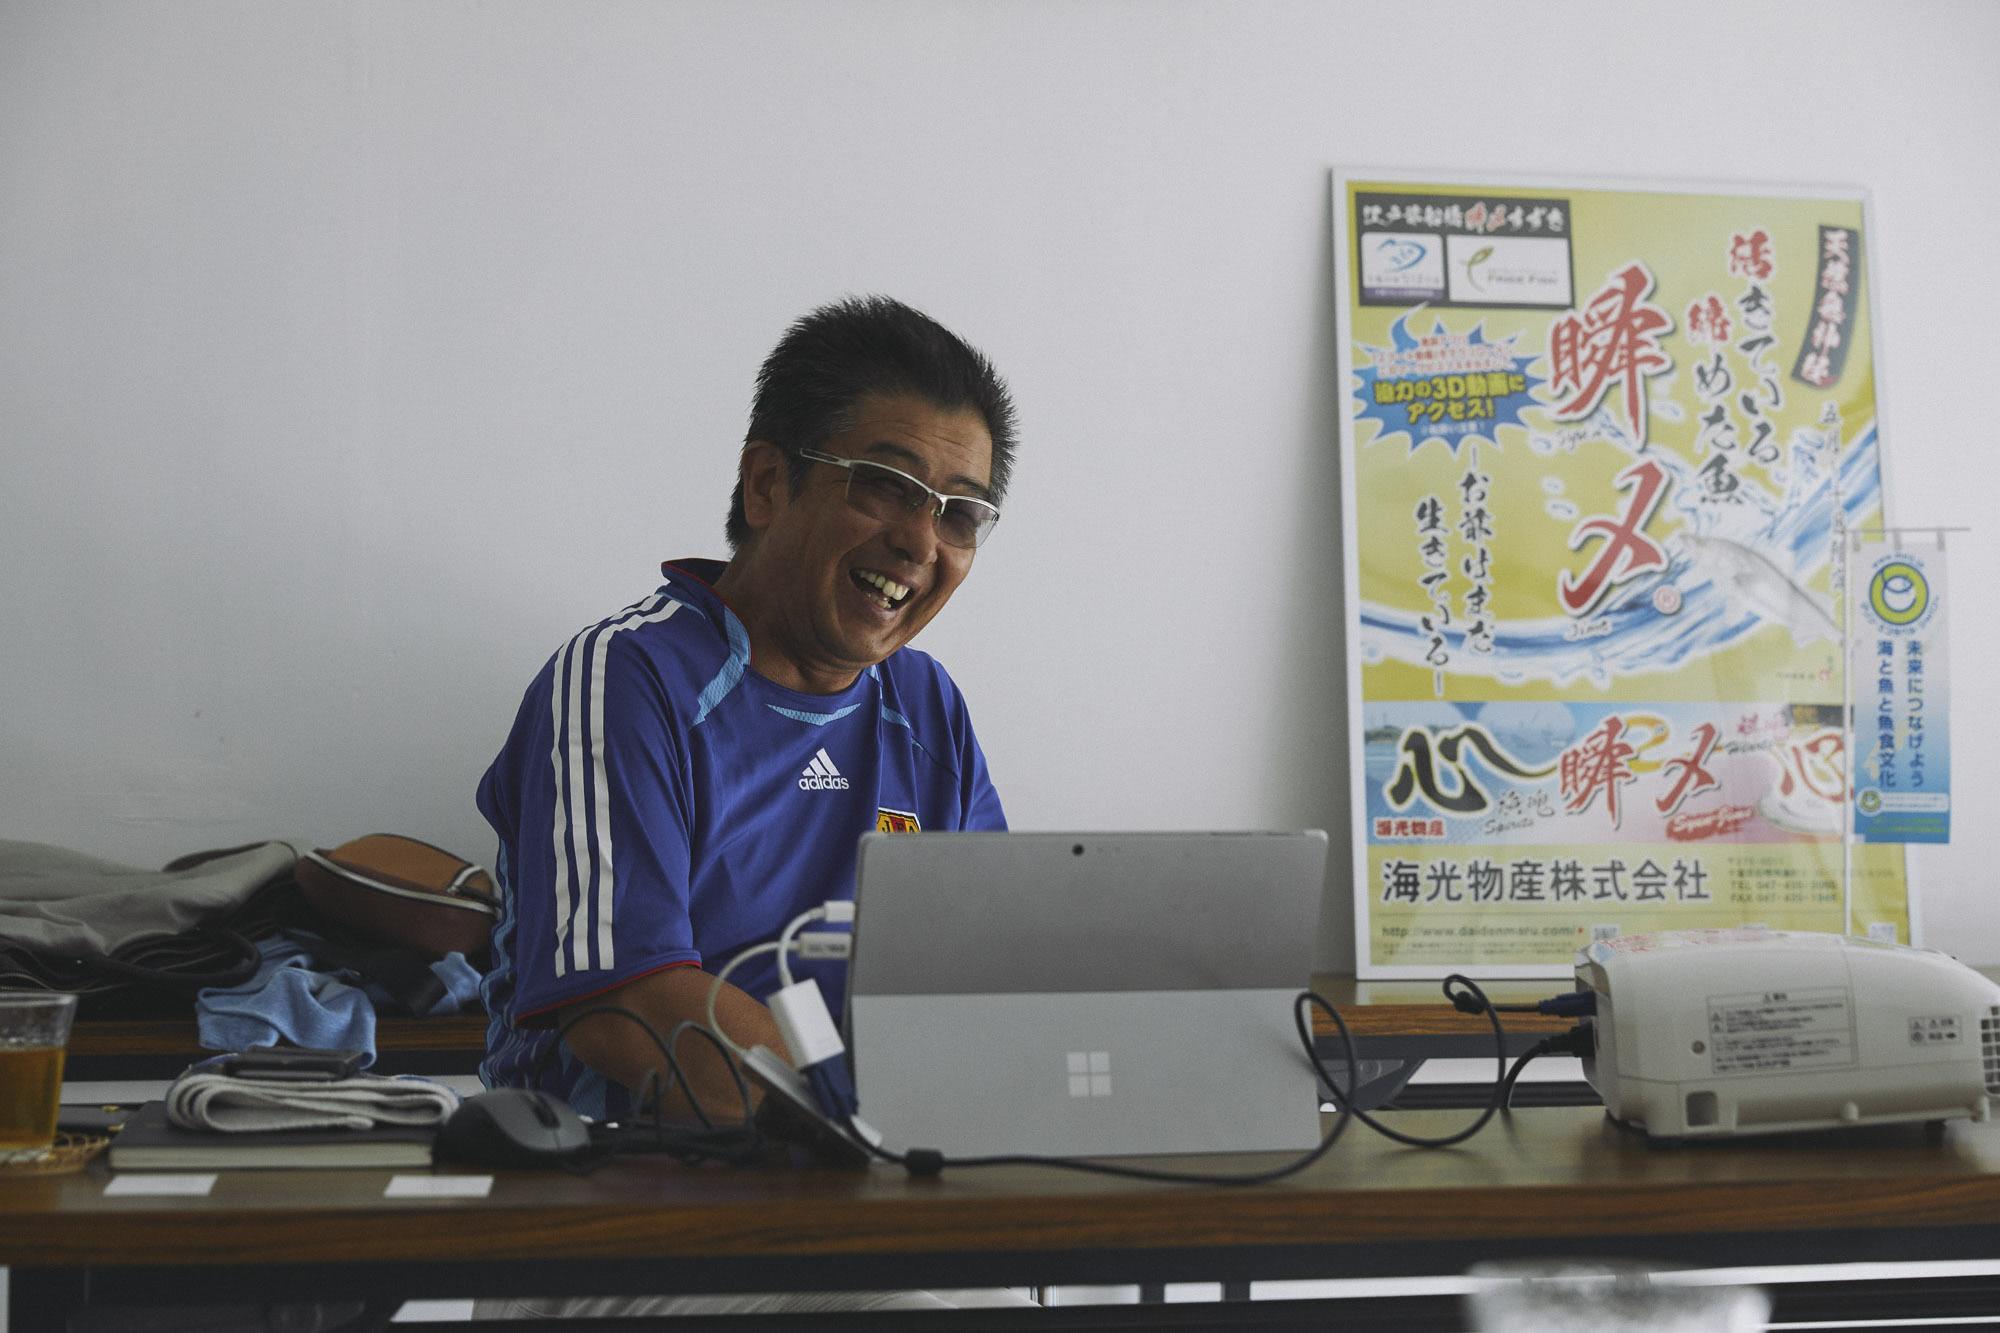 インタビューを受ける大野さんの画像